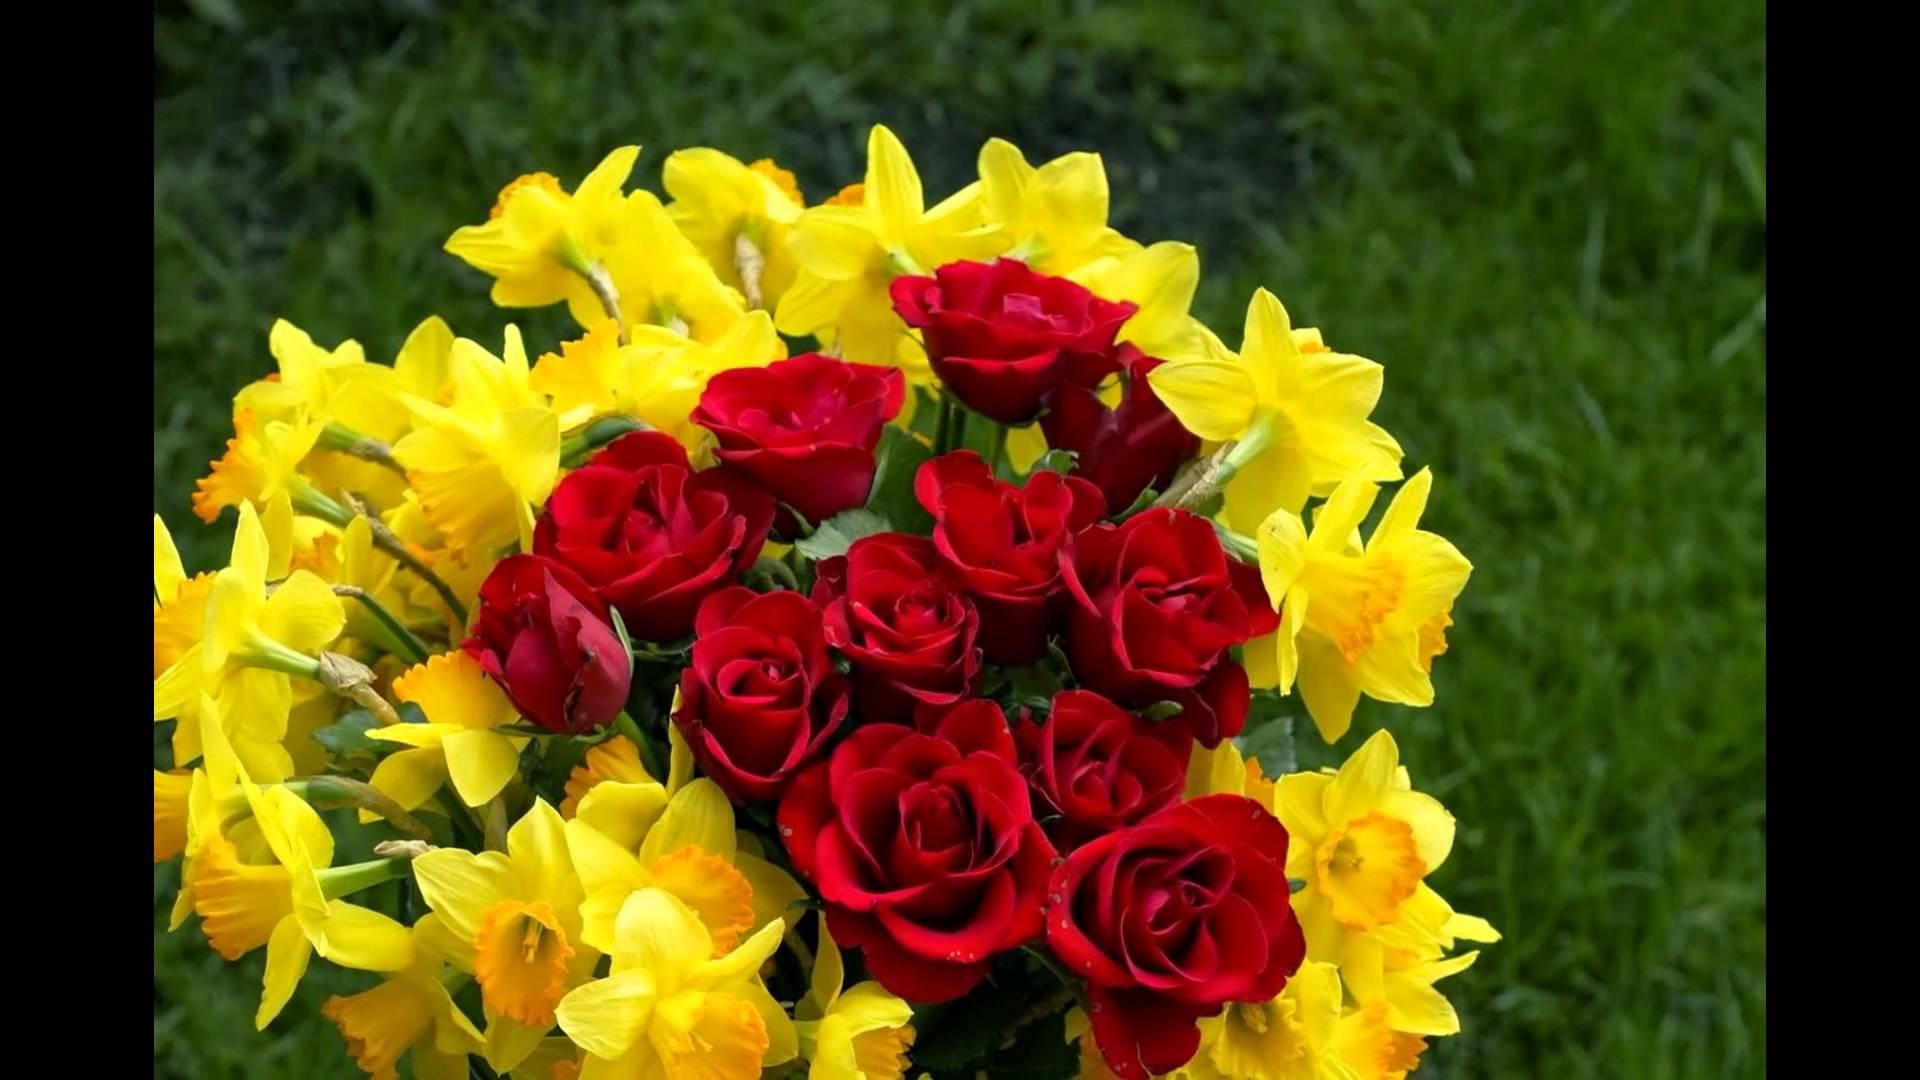 صورة اجمل صور الورد , الجمال يتكلم بحب 5915 7